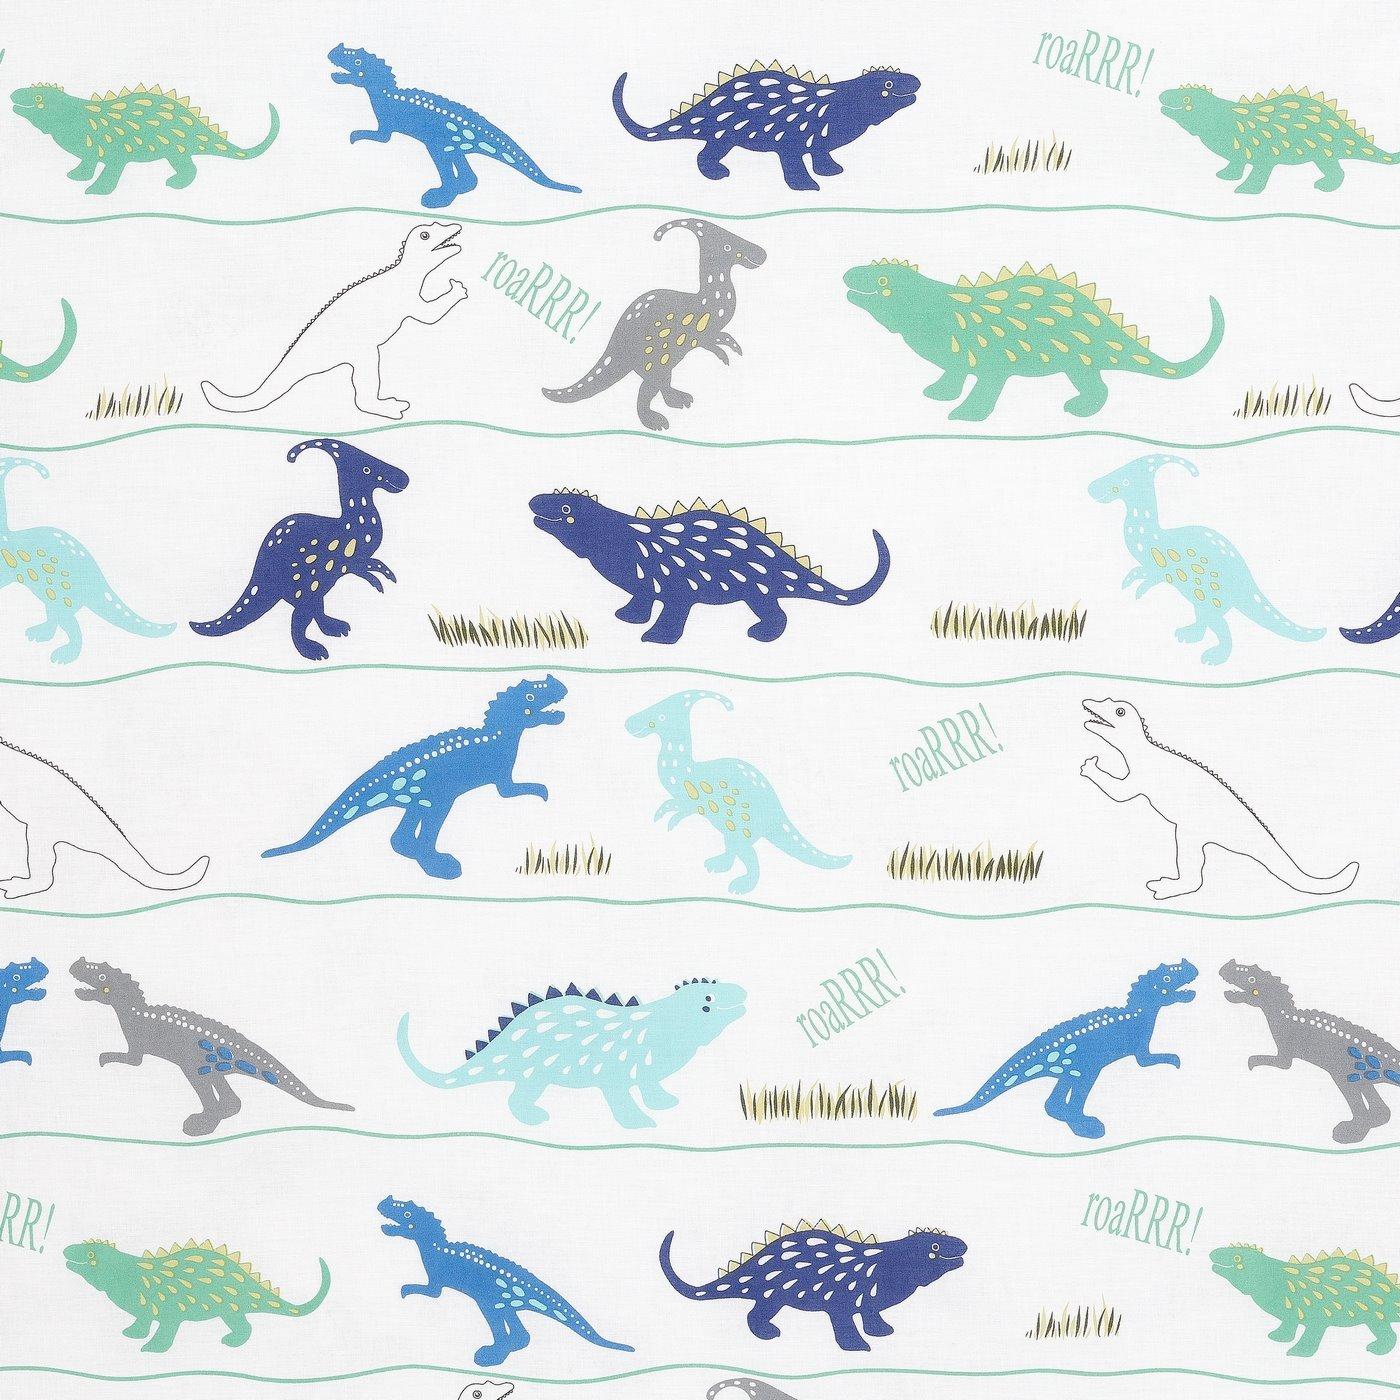 Komplet pościeli bawełnianej DINO 160x200 2szt 70x80 dziecięca pościel w dinozaury